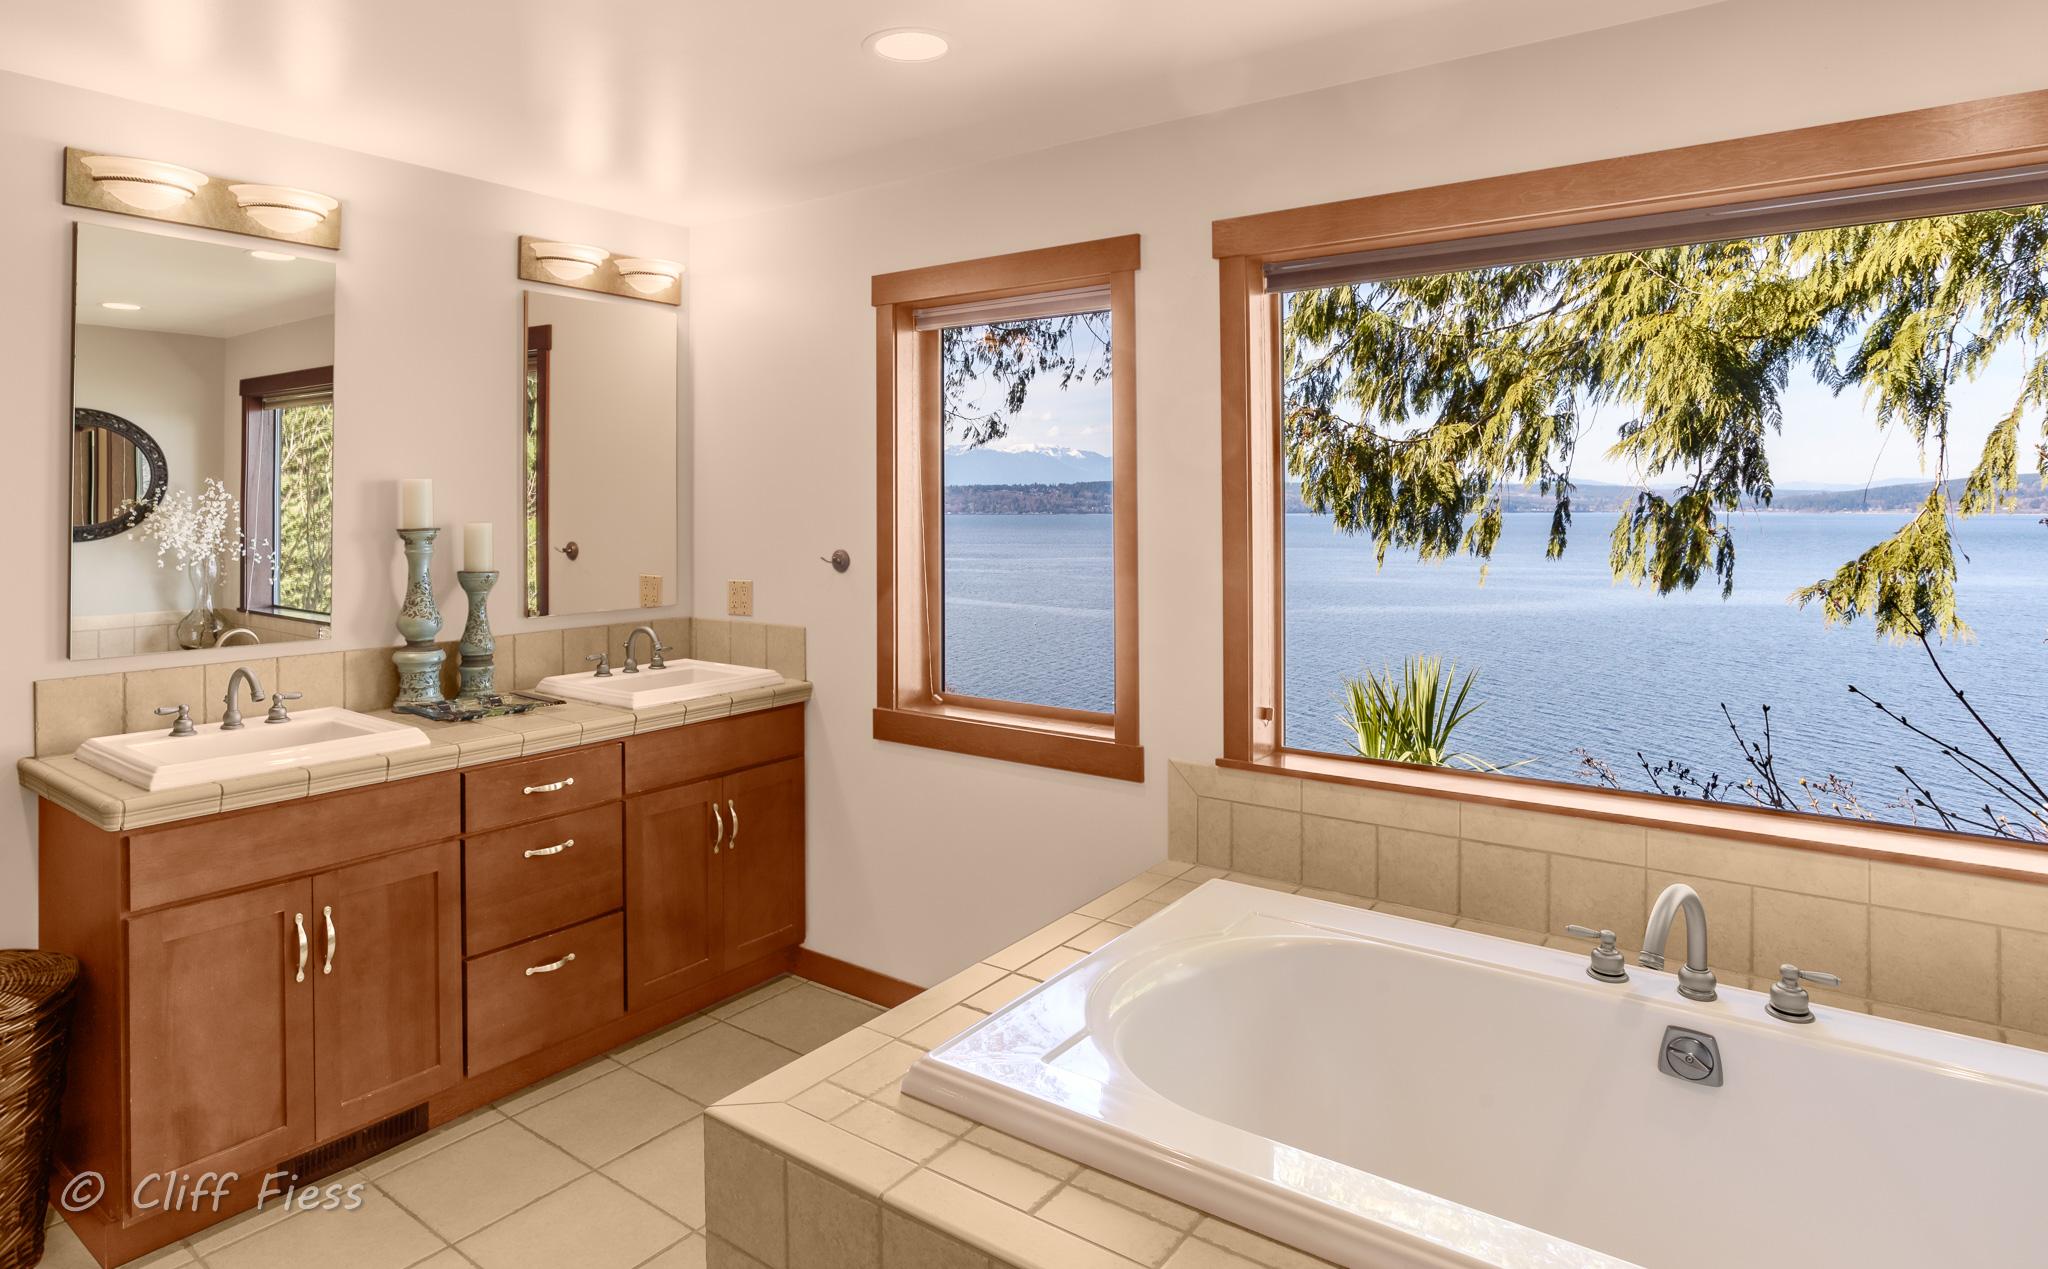 Bathroom-of-a-residence-on-Hood-Canal.jpg